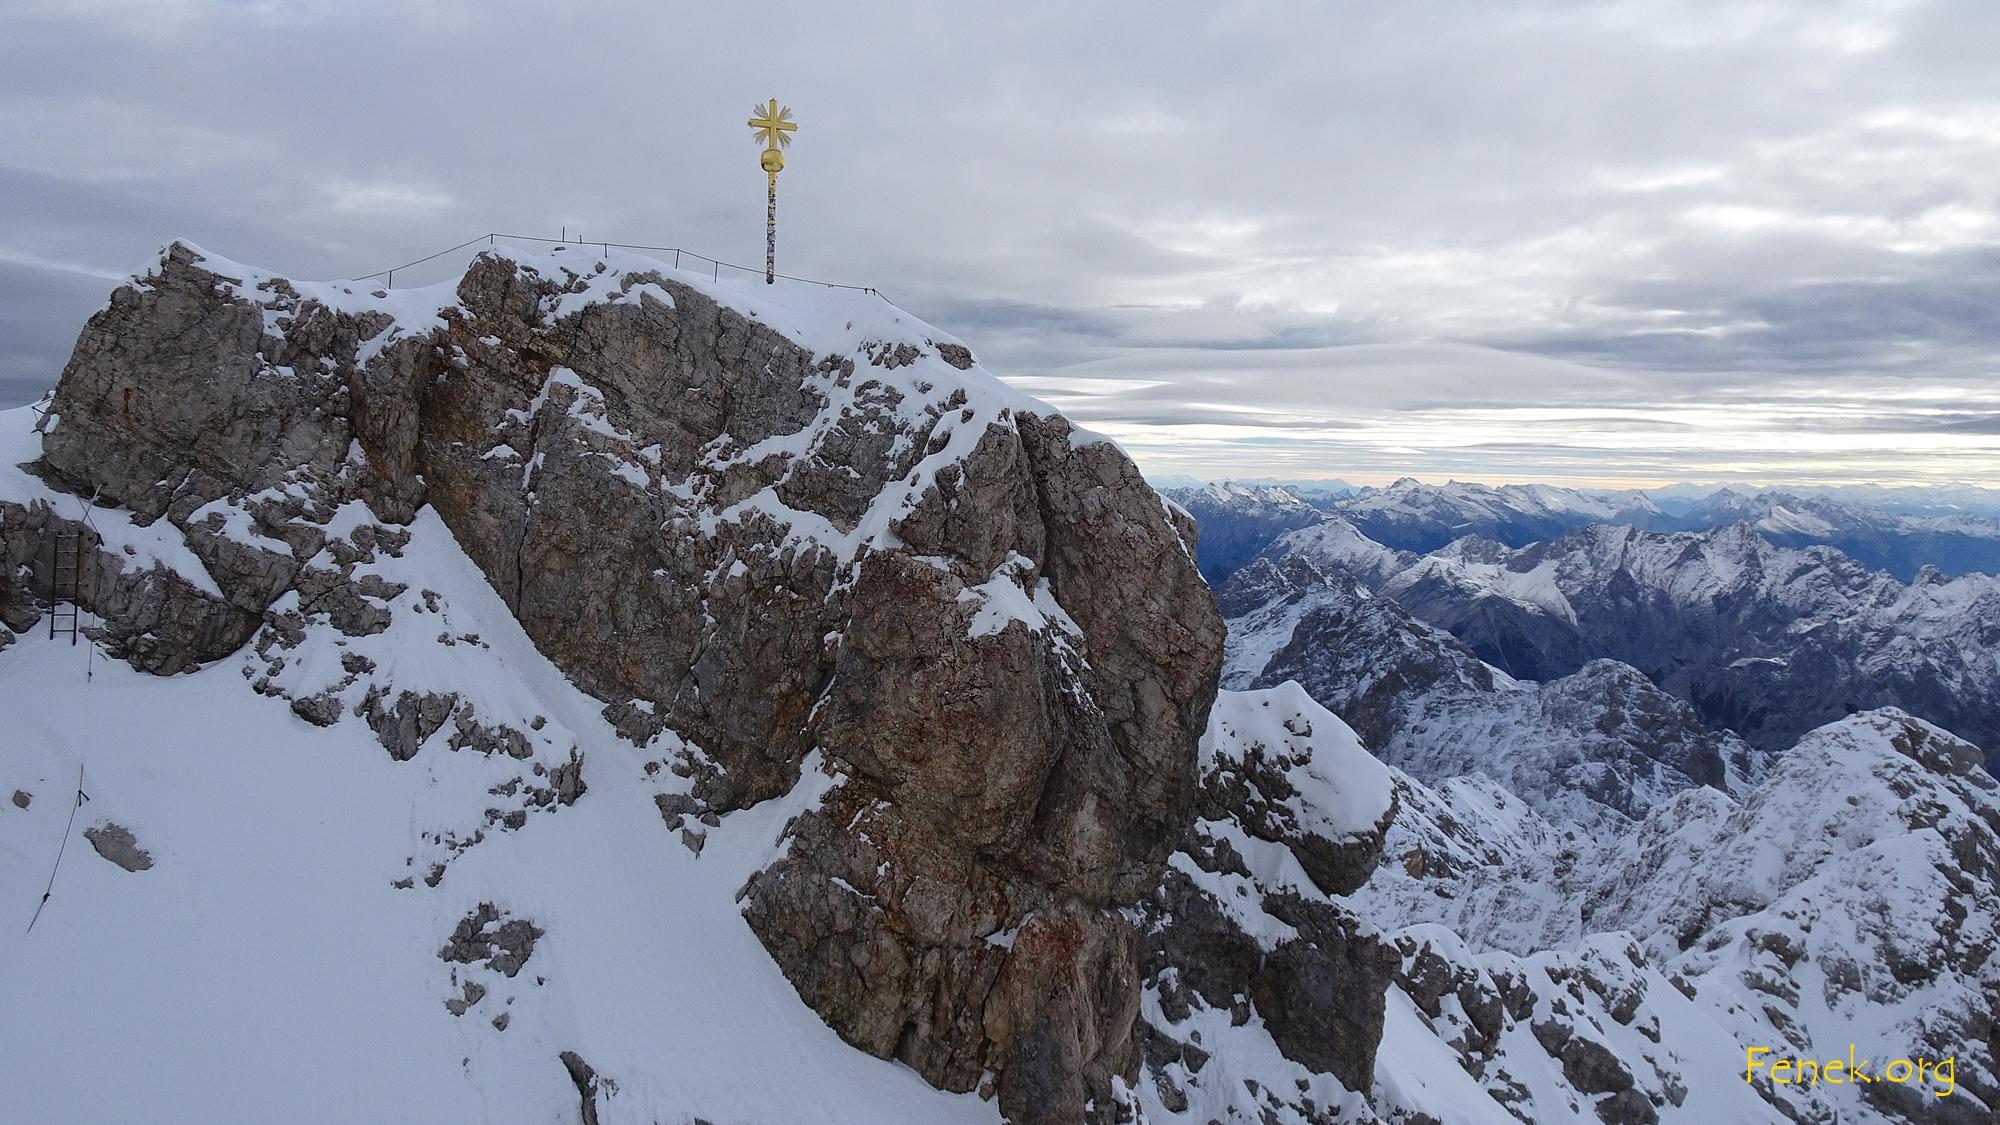 der Gipfel schon eingeschneit